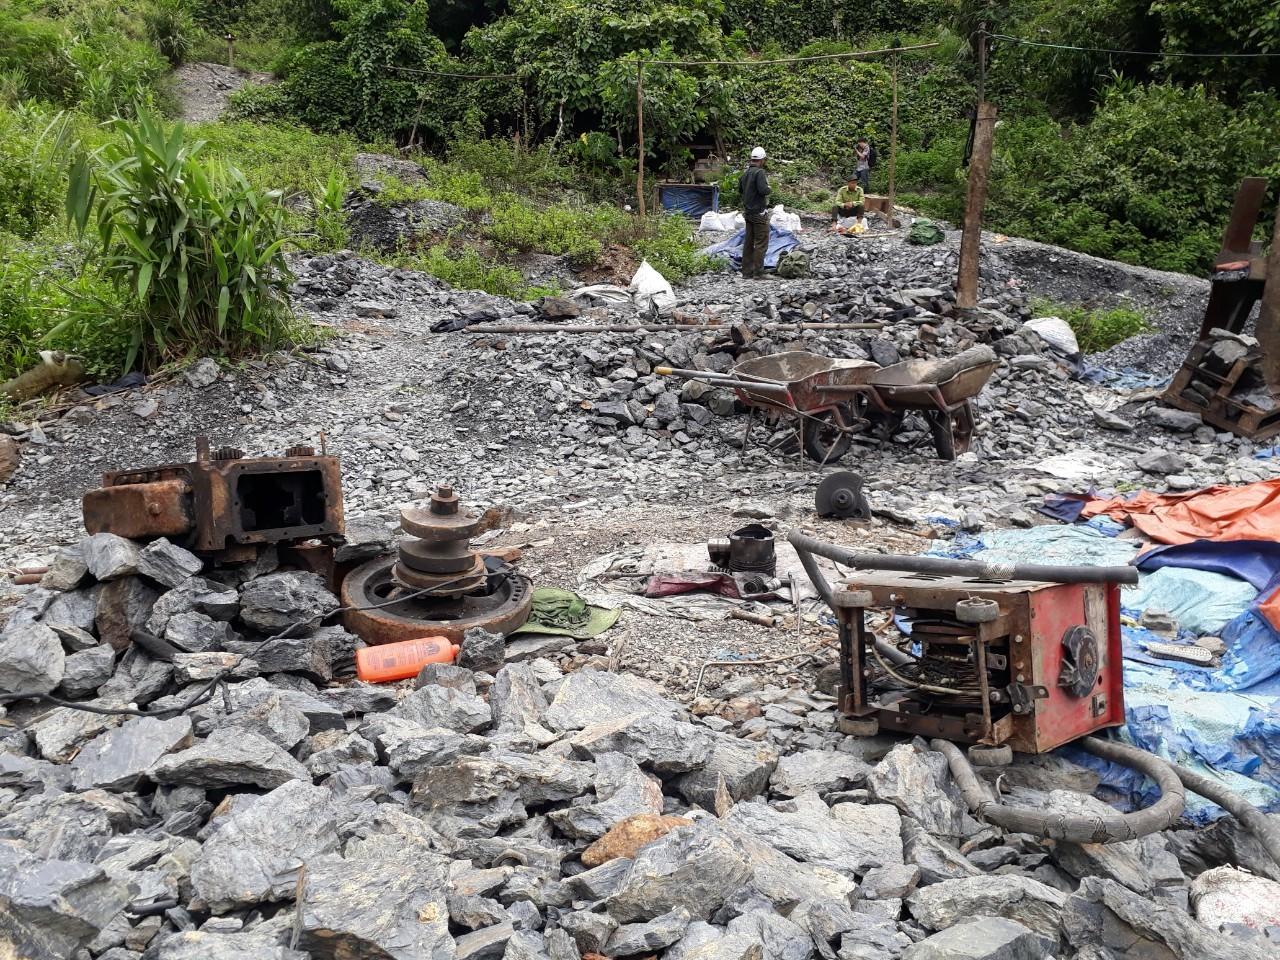 Được biết 11 lao động người dân tộc Khơ Mú (tỉnh Nghệ An) bị đưa vào 1 bào vàng trái phép ở xã Đăk Ring (huyện Nam Giang) để làm việc.